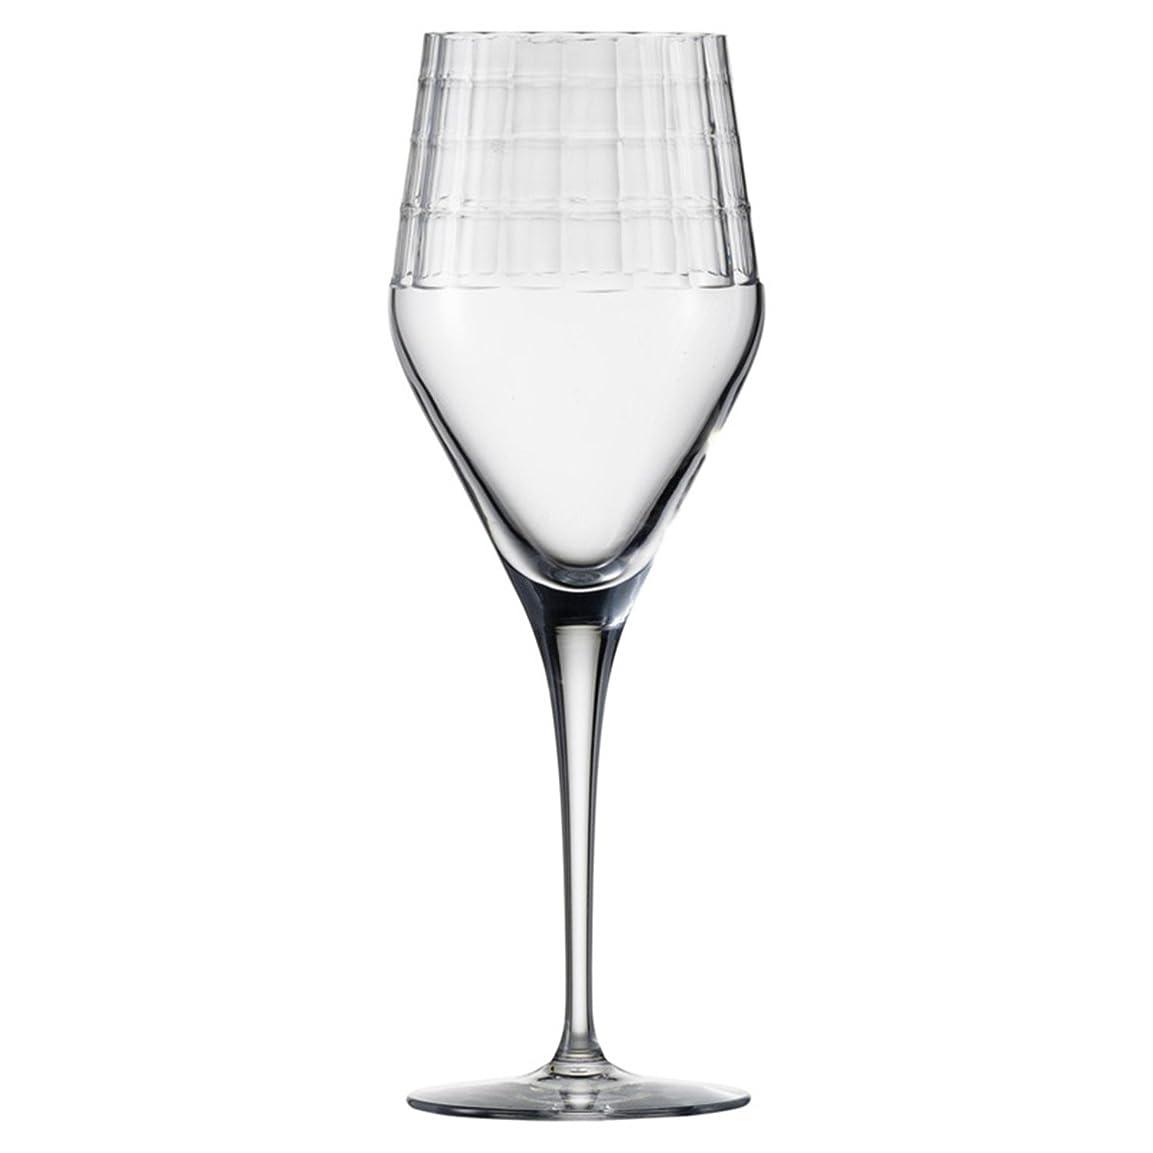 ペルセウスドリルふさわしい(Bordeaux, set of 2) - Zwiesel 1872 Charles Schumann Hommage Collection Carat Handmade Glass Bordeaux, Red Wine Glass, 470ml, Set of 2